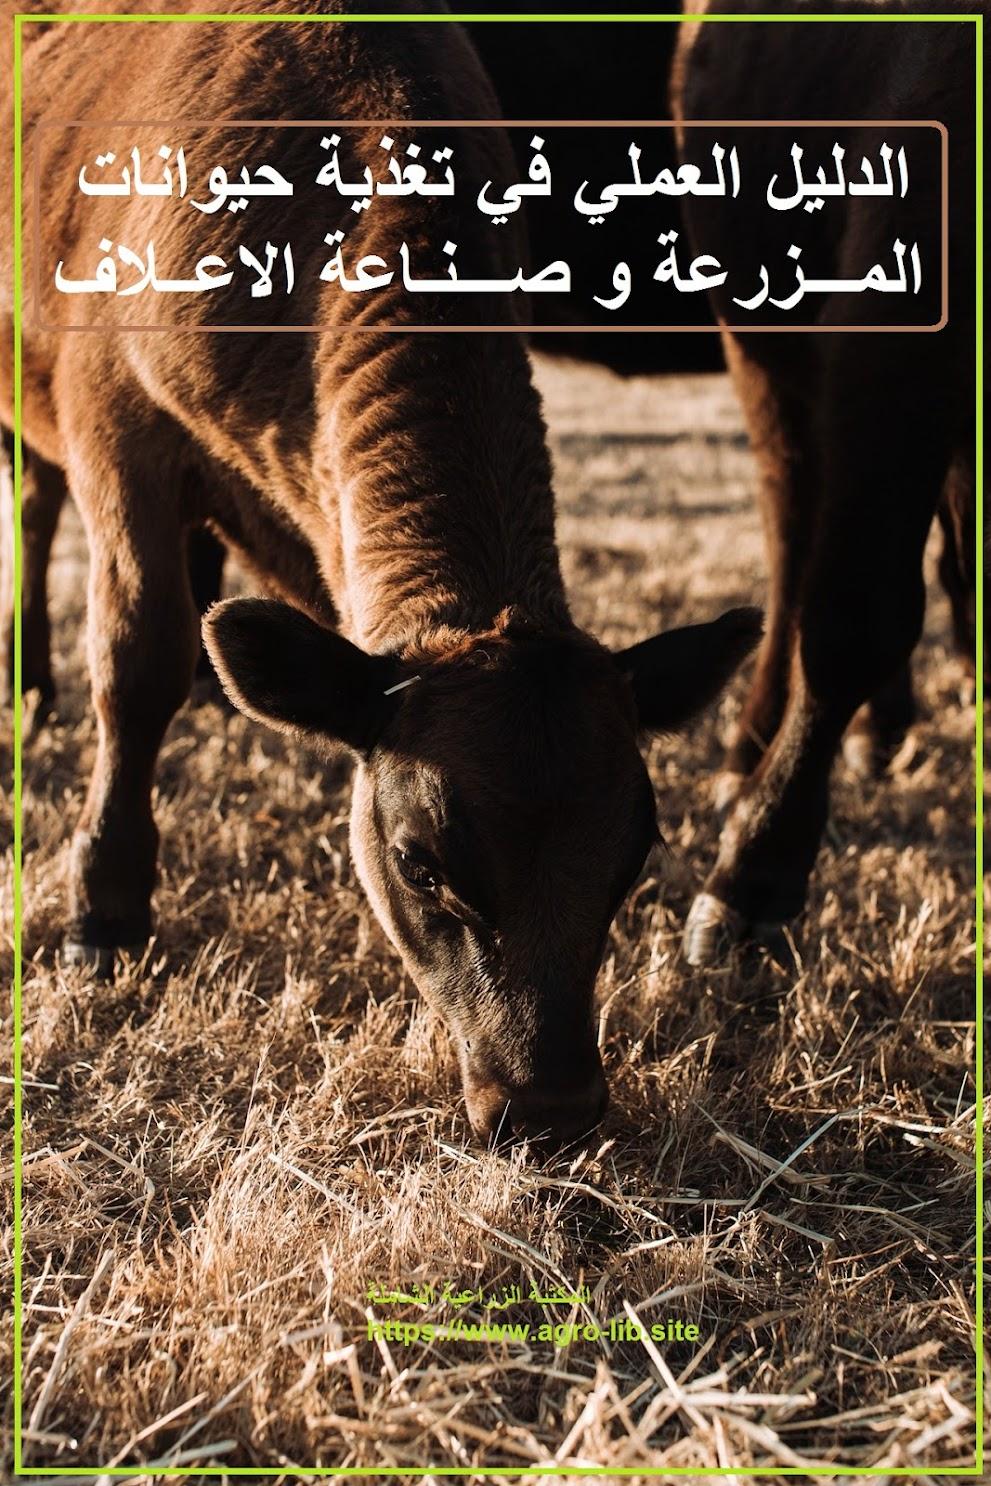 كتاب : الدليل العملي في تغذية حيوانات المزرعة و صناعة الاعلاف